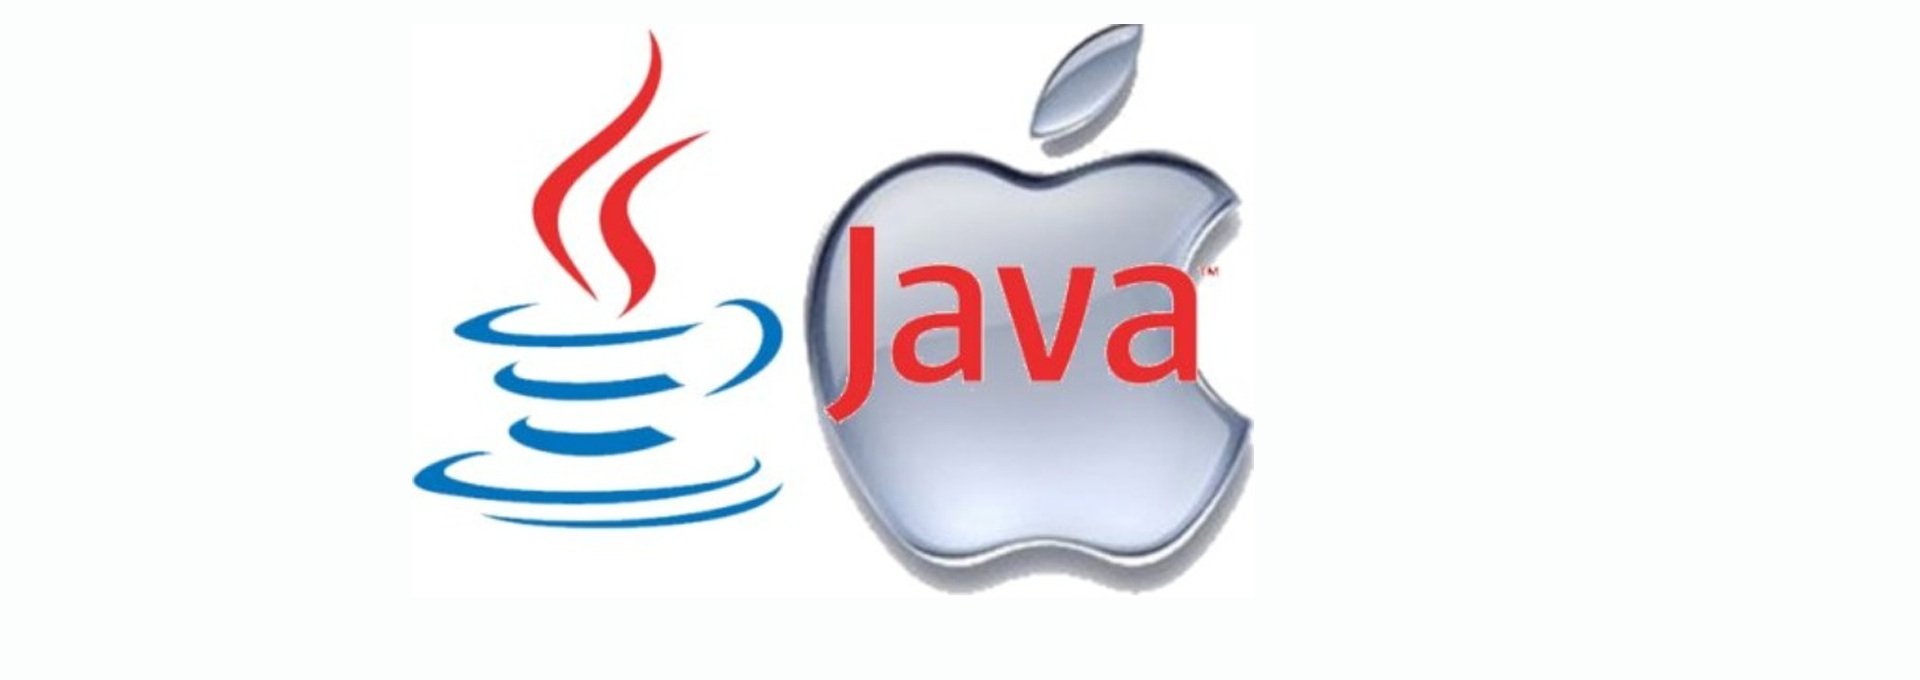 Sécurité: une nouvelle alerte Java à prendre au sérieux sur Mac